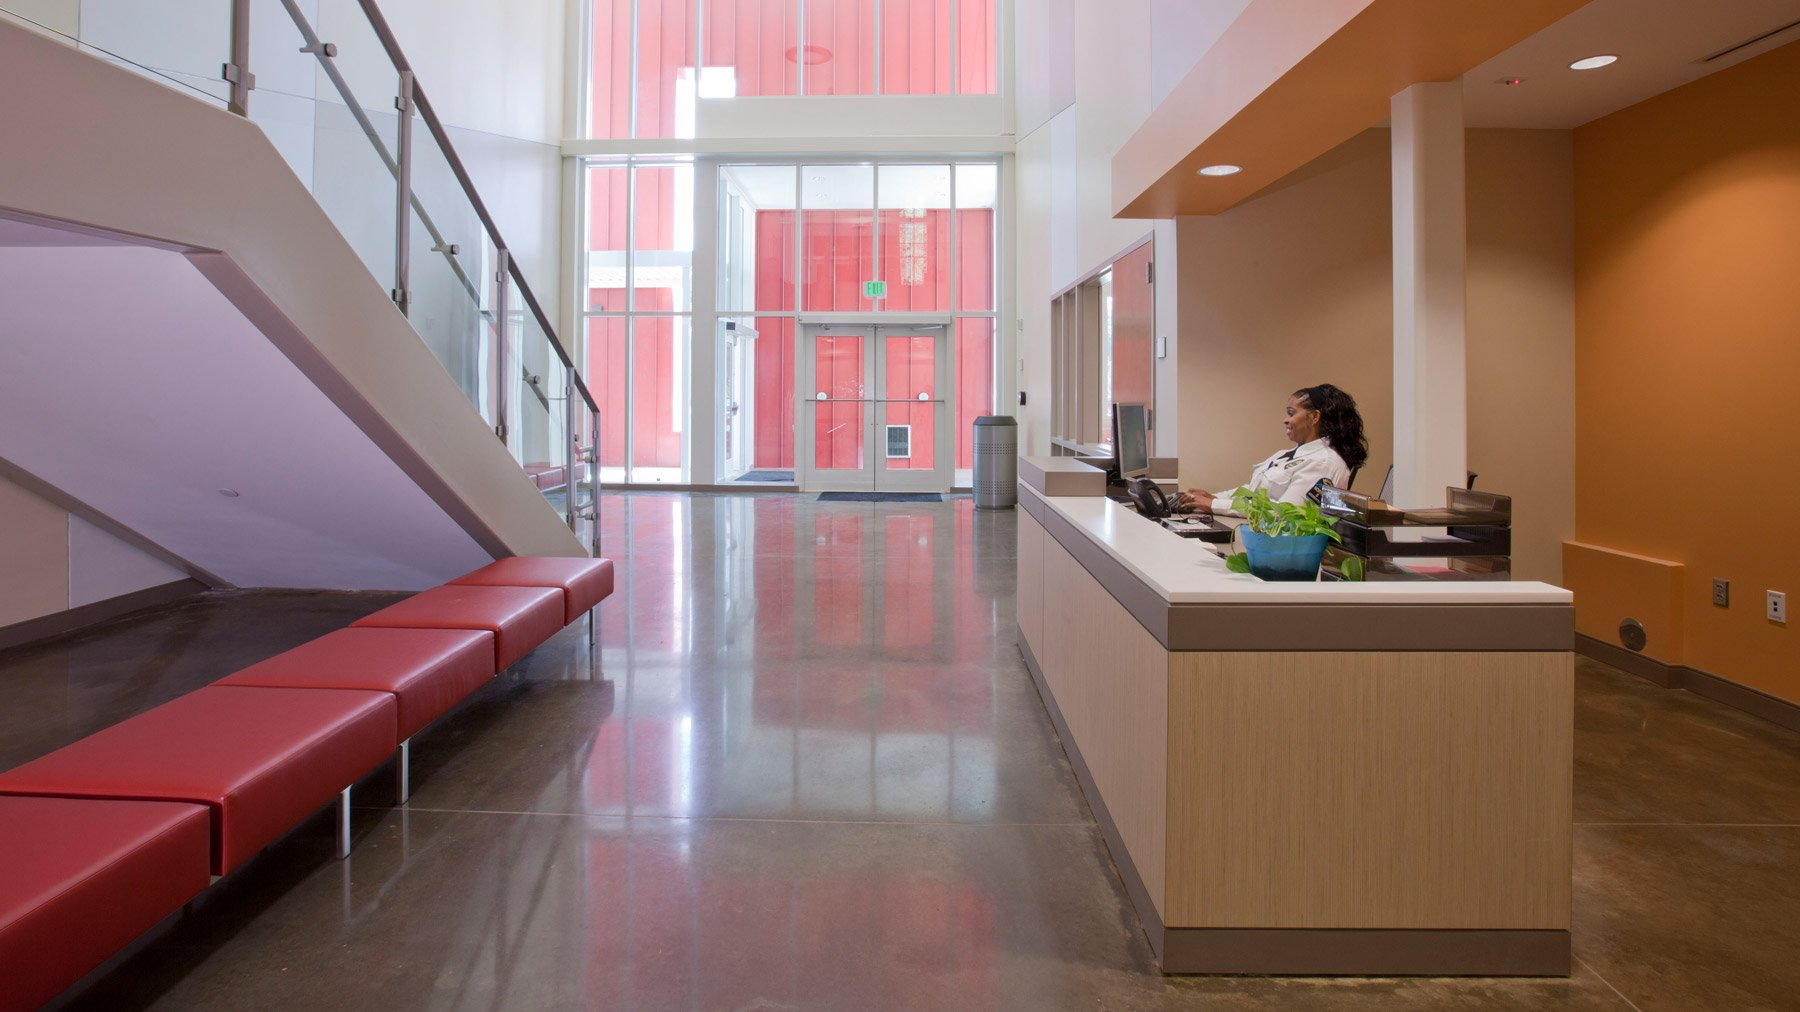 05 Adamsville Regional Health Center